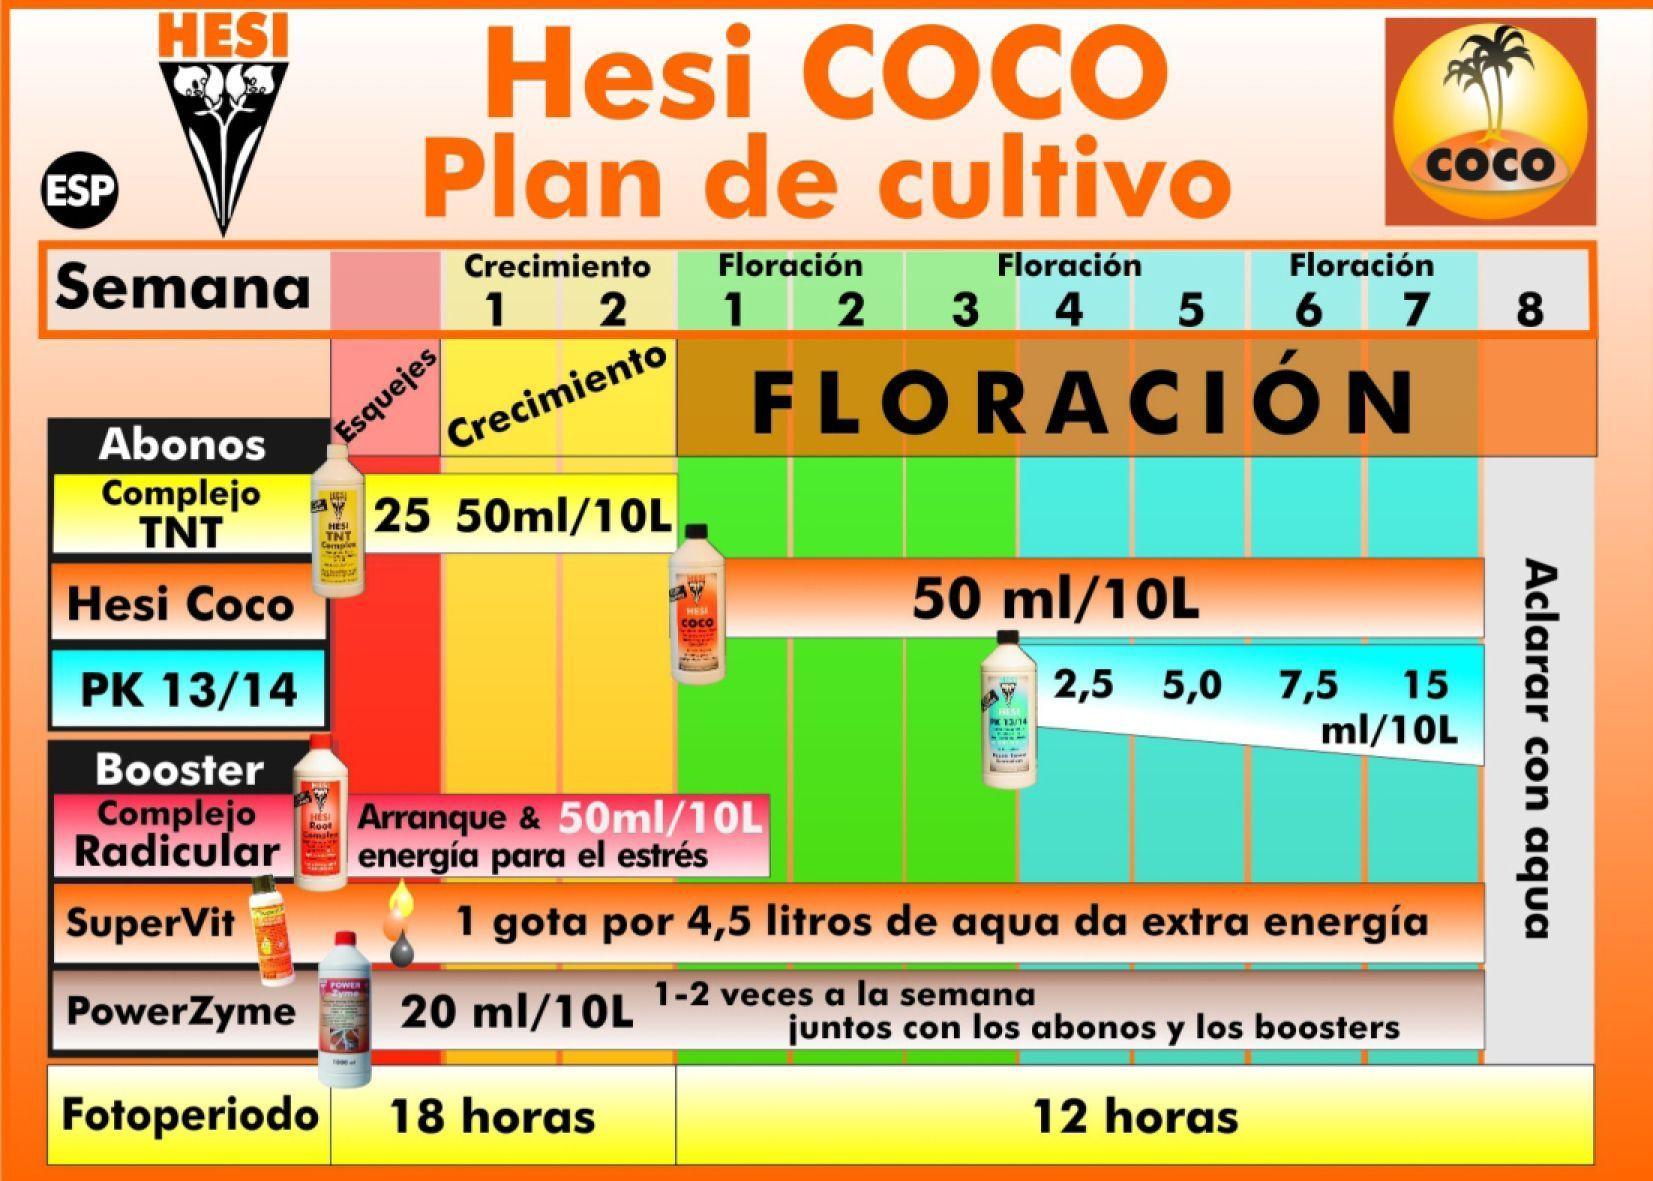 Tabla Cultivo Coco Hesi